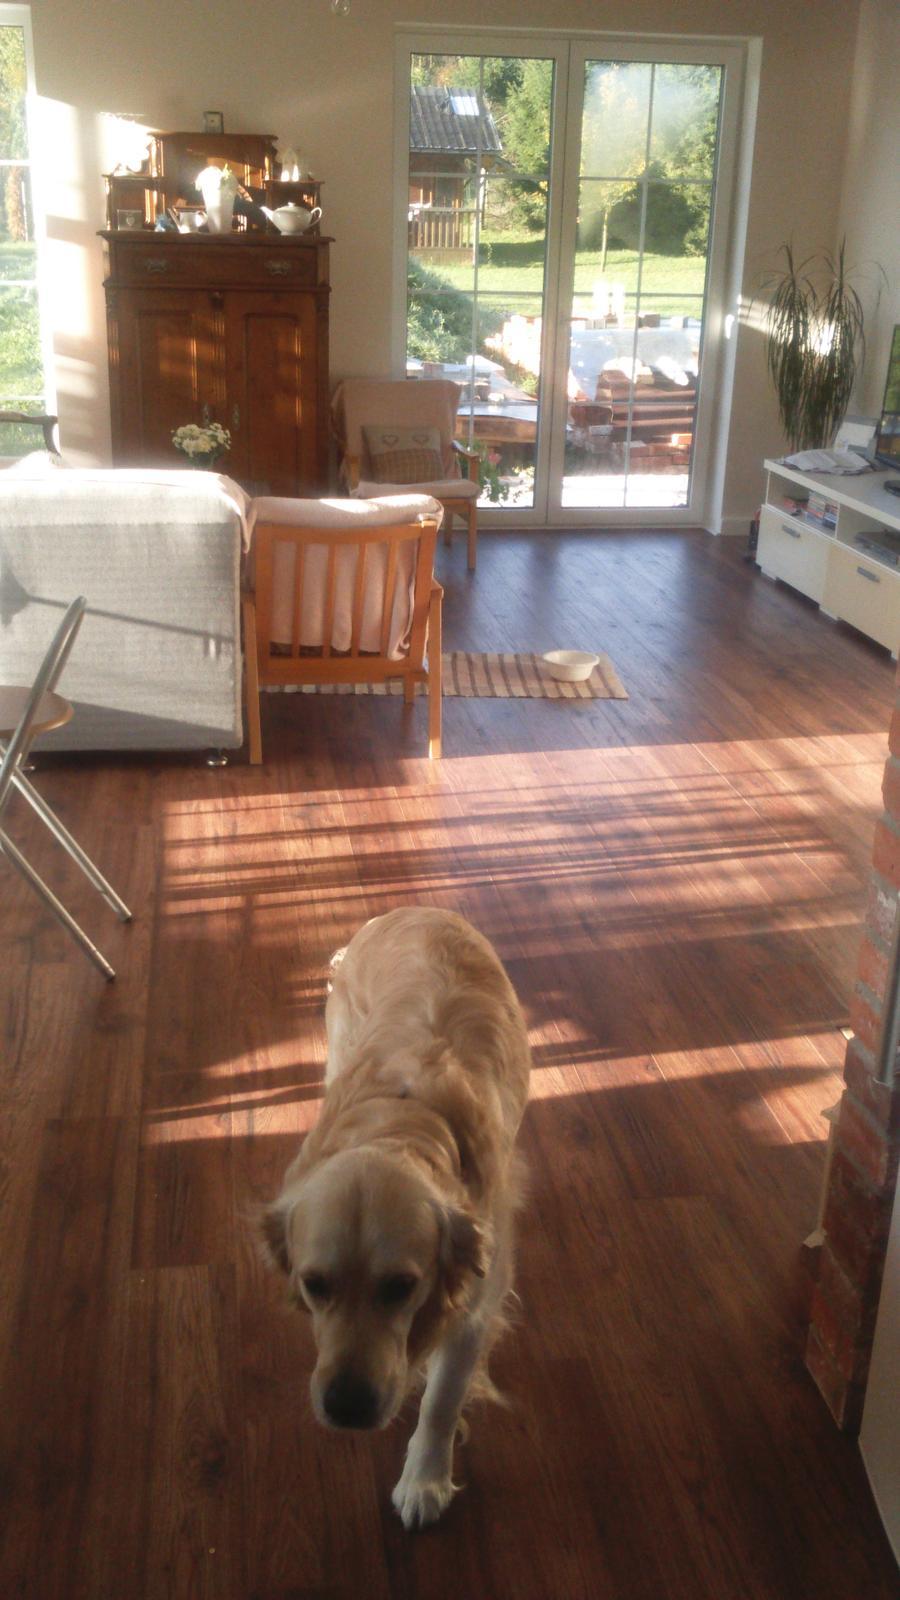 Náš nový domov-už bývame :-) - samozrejme Badko nechýba nikde